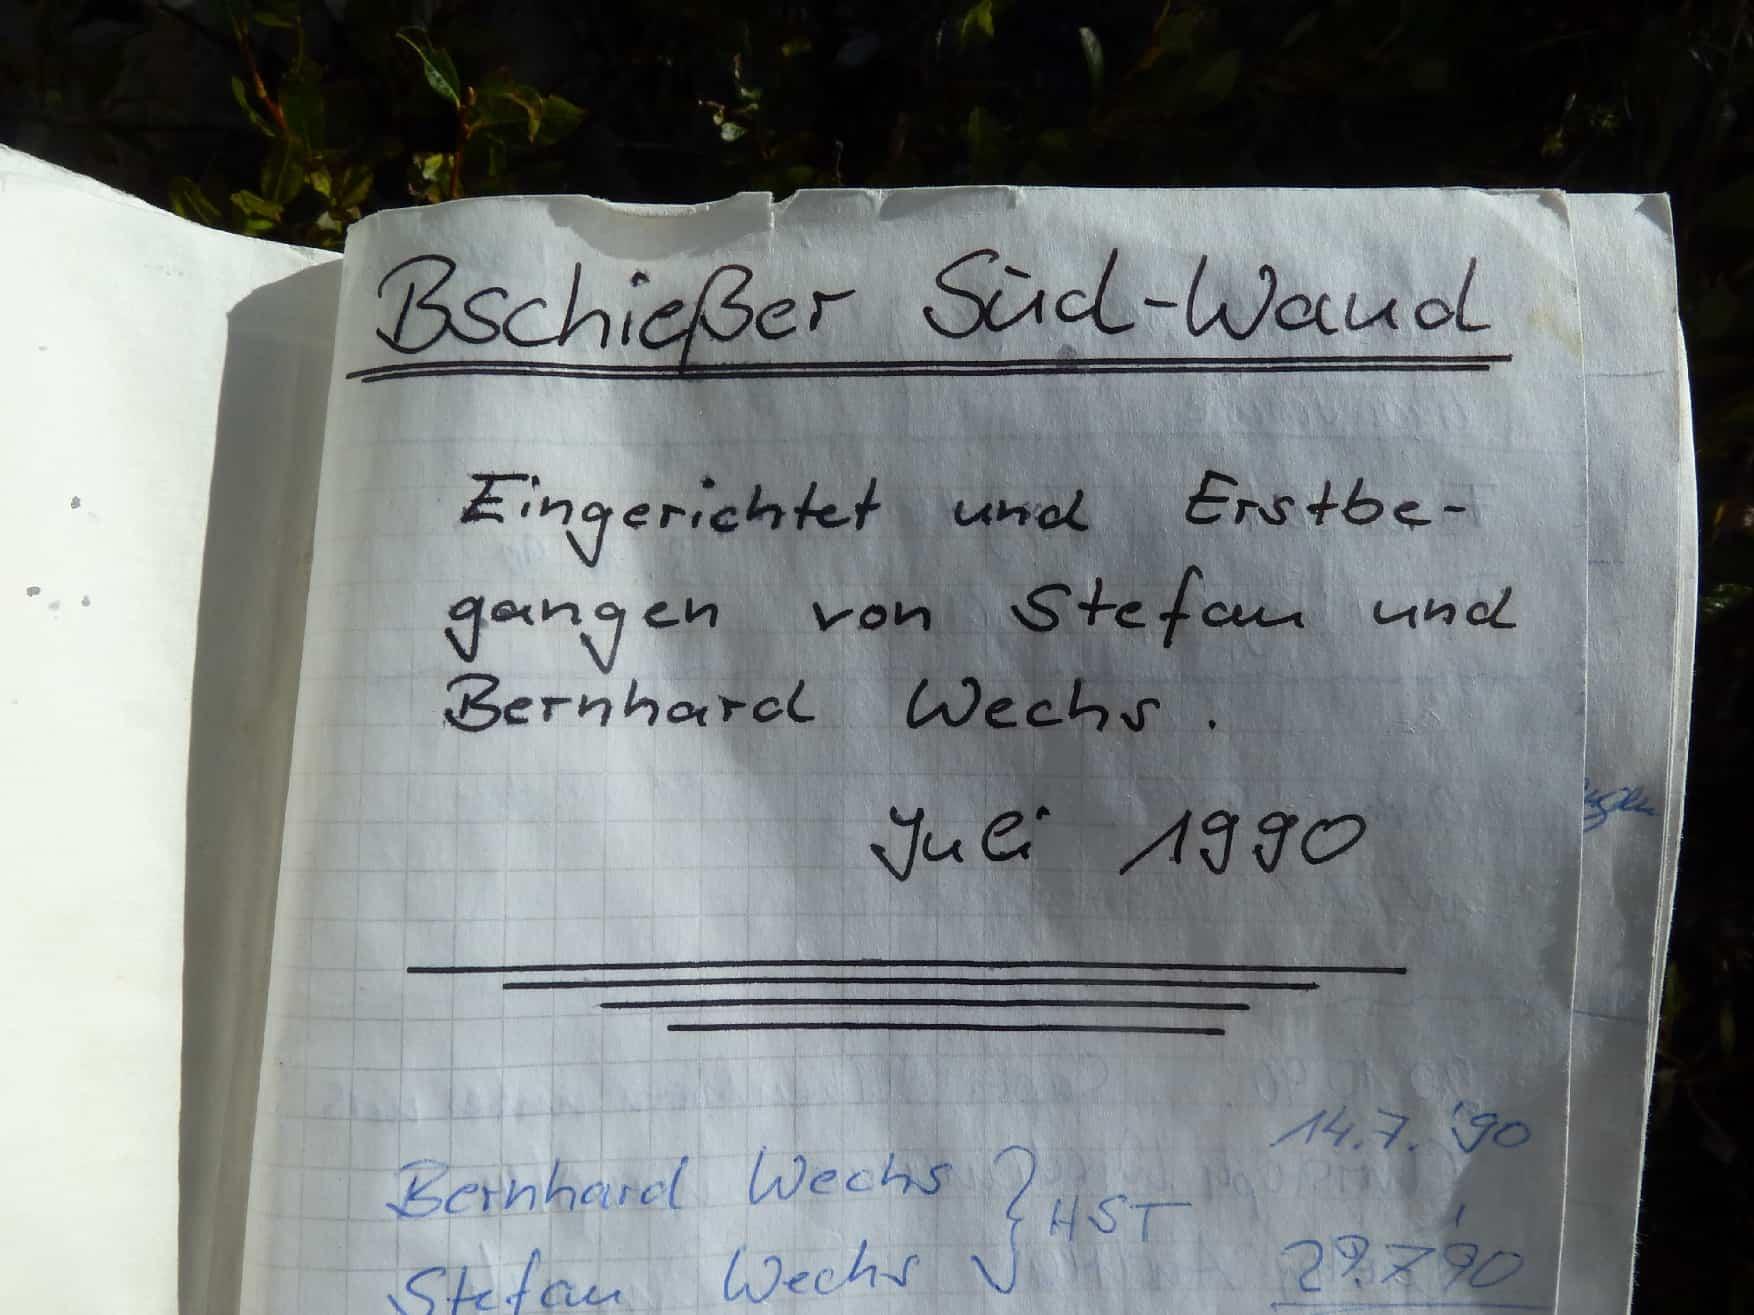 Bschießer-Südwand